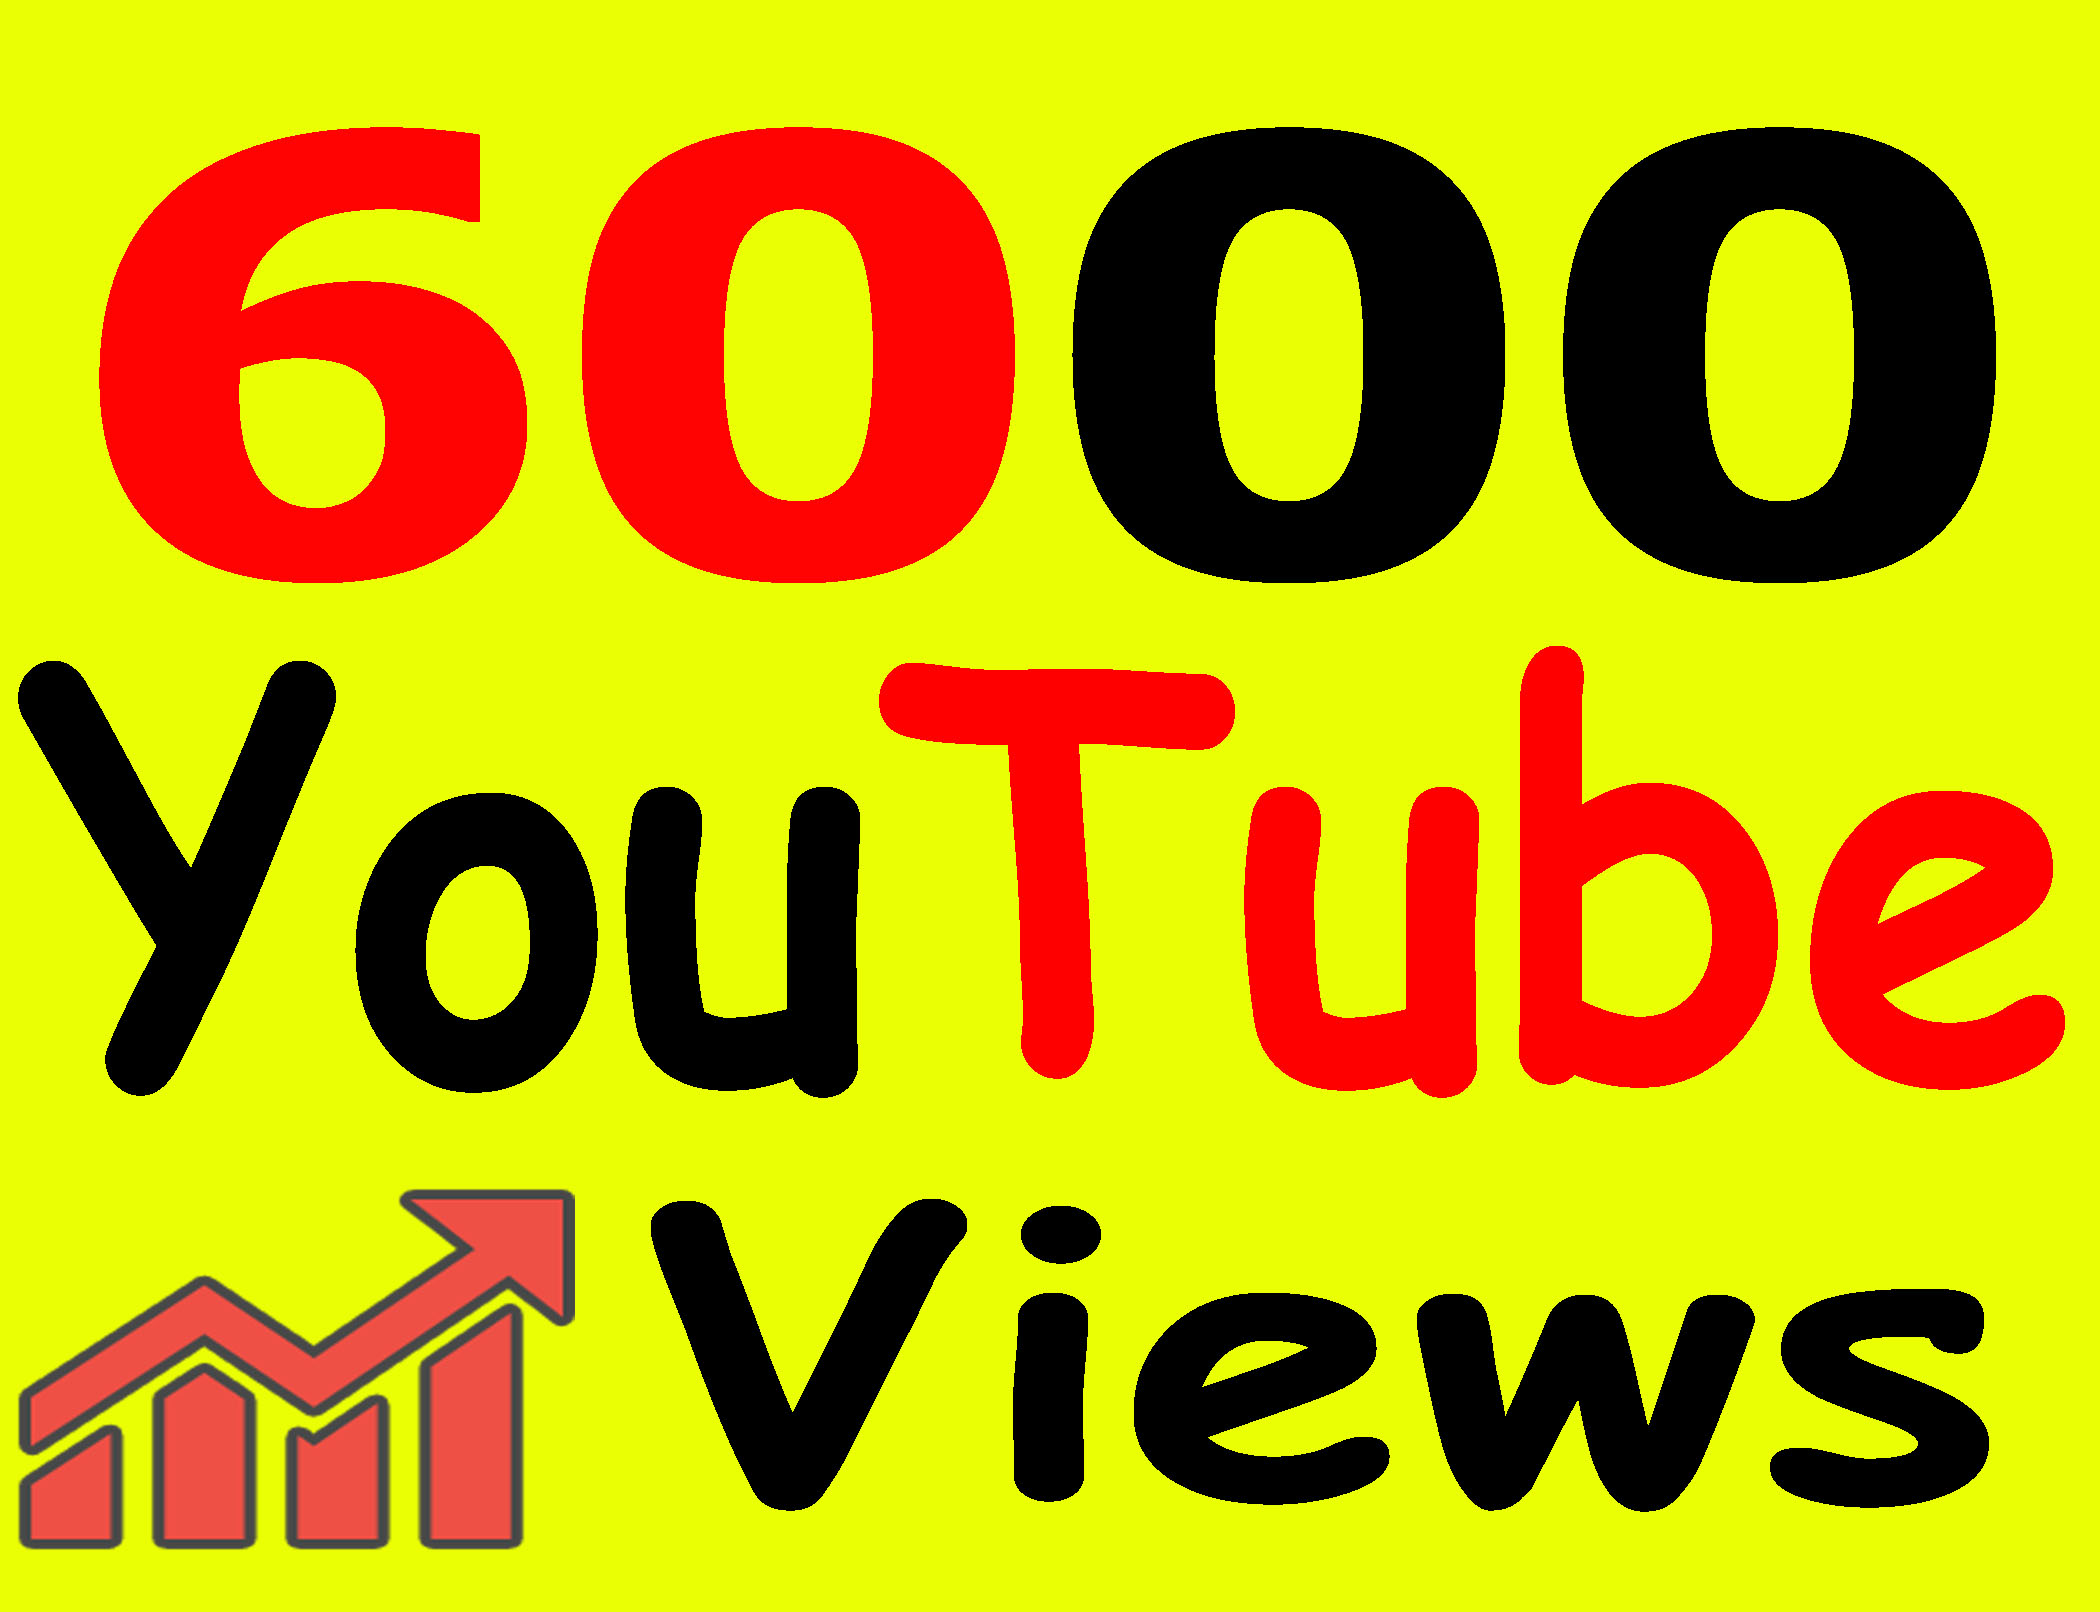 Give 6000+ Vi ews Full Retention Safe Lifetime Guarantee with bonus Li kes